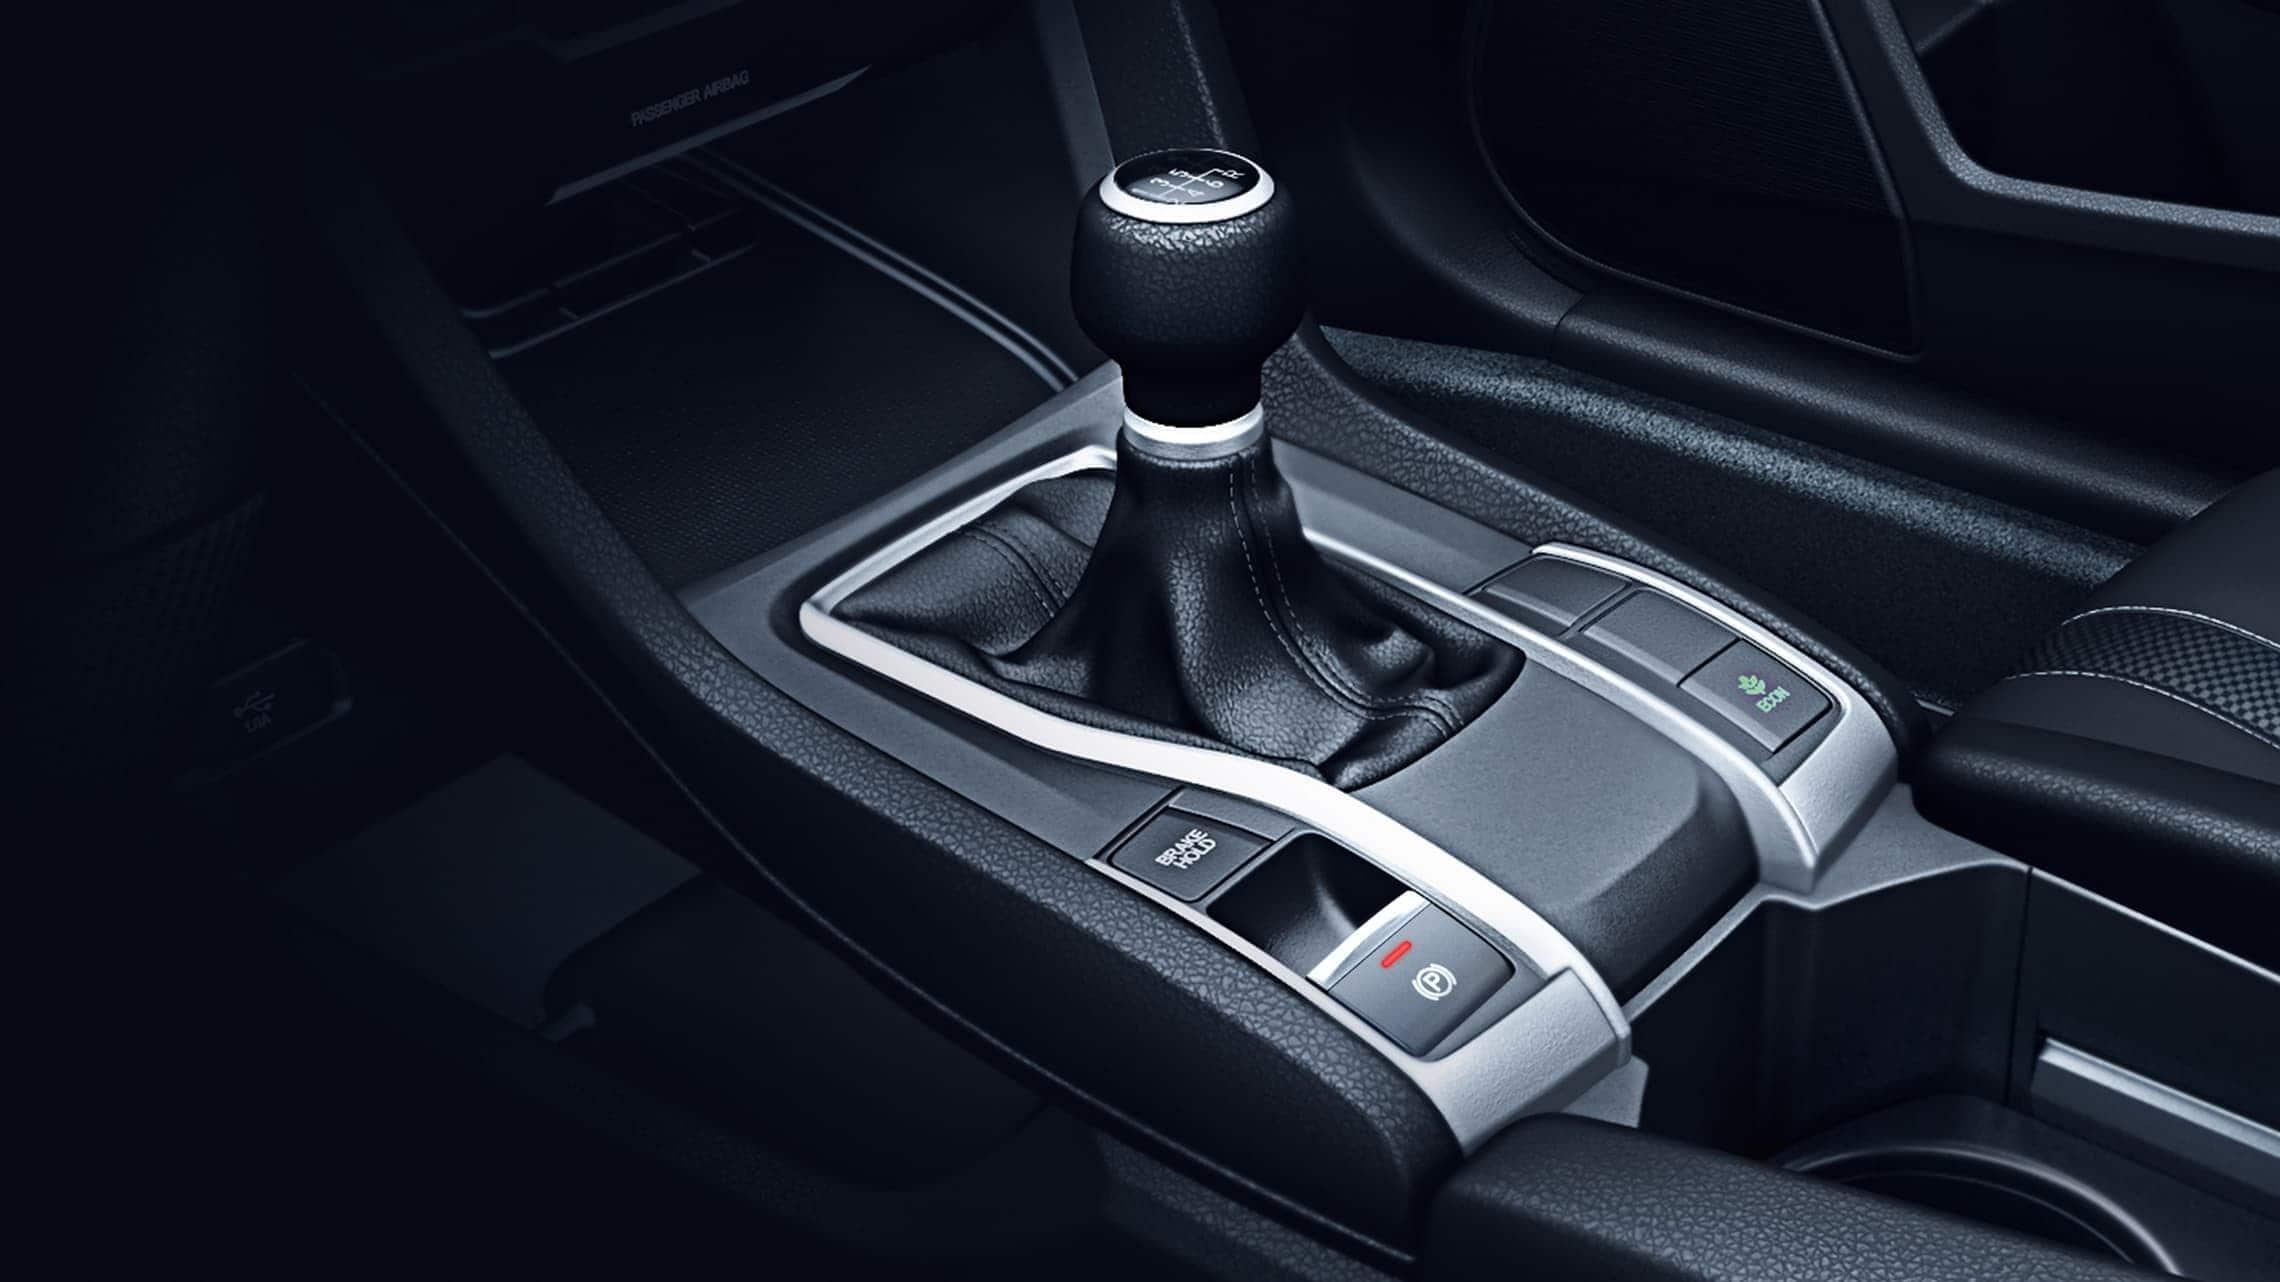 Detalle de los mandos de transmisión manual de 6velocidades en el Honda Civic LX Sedán2020.